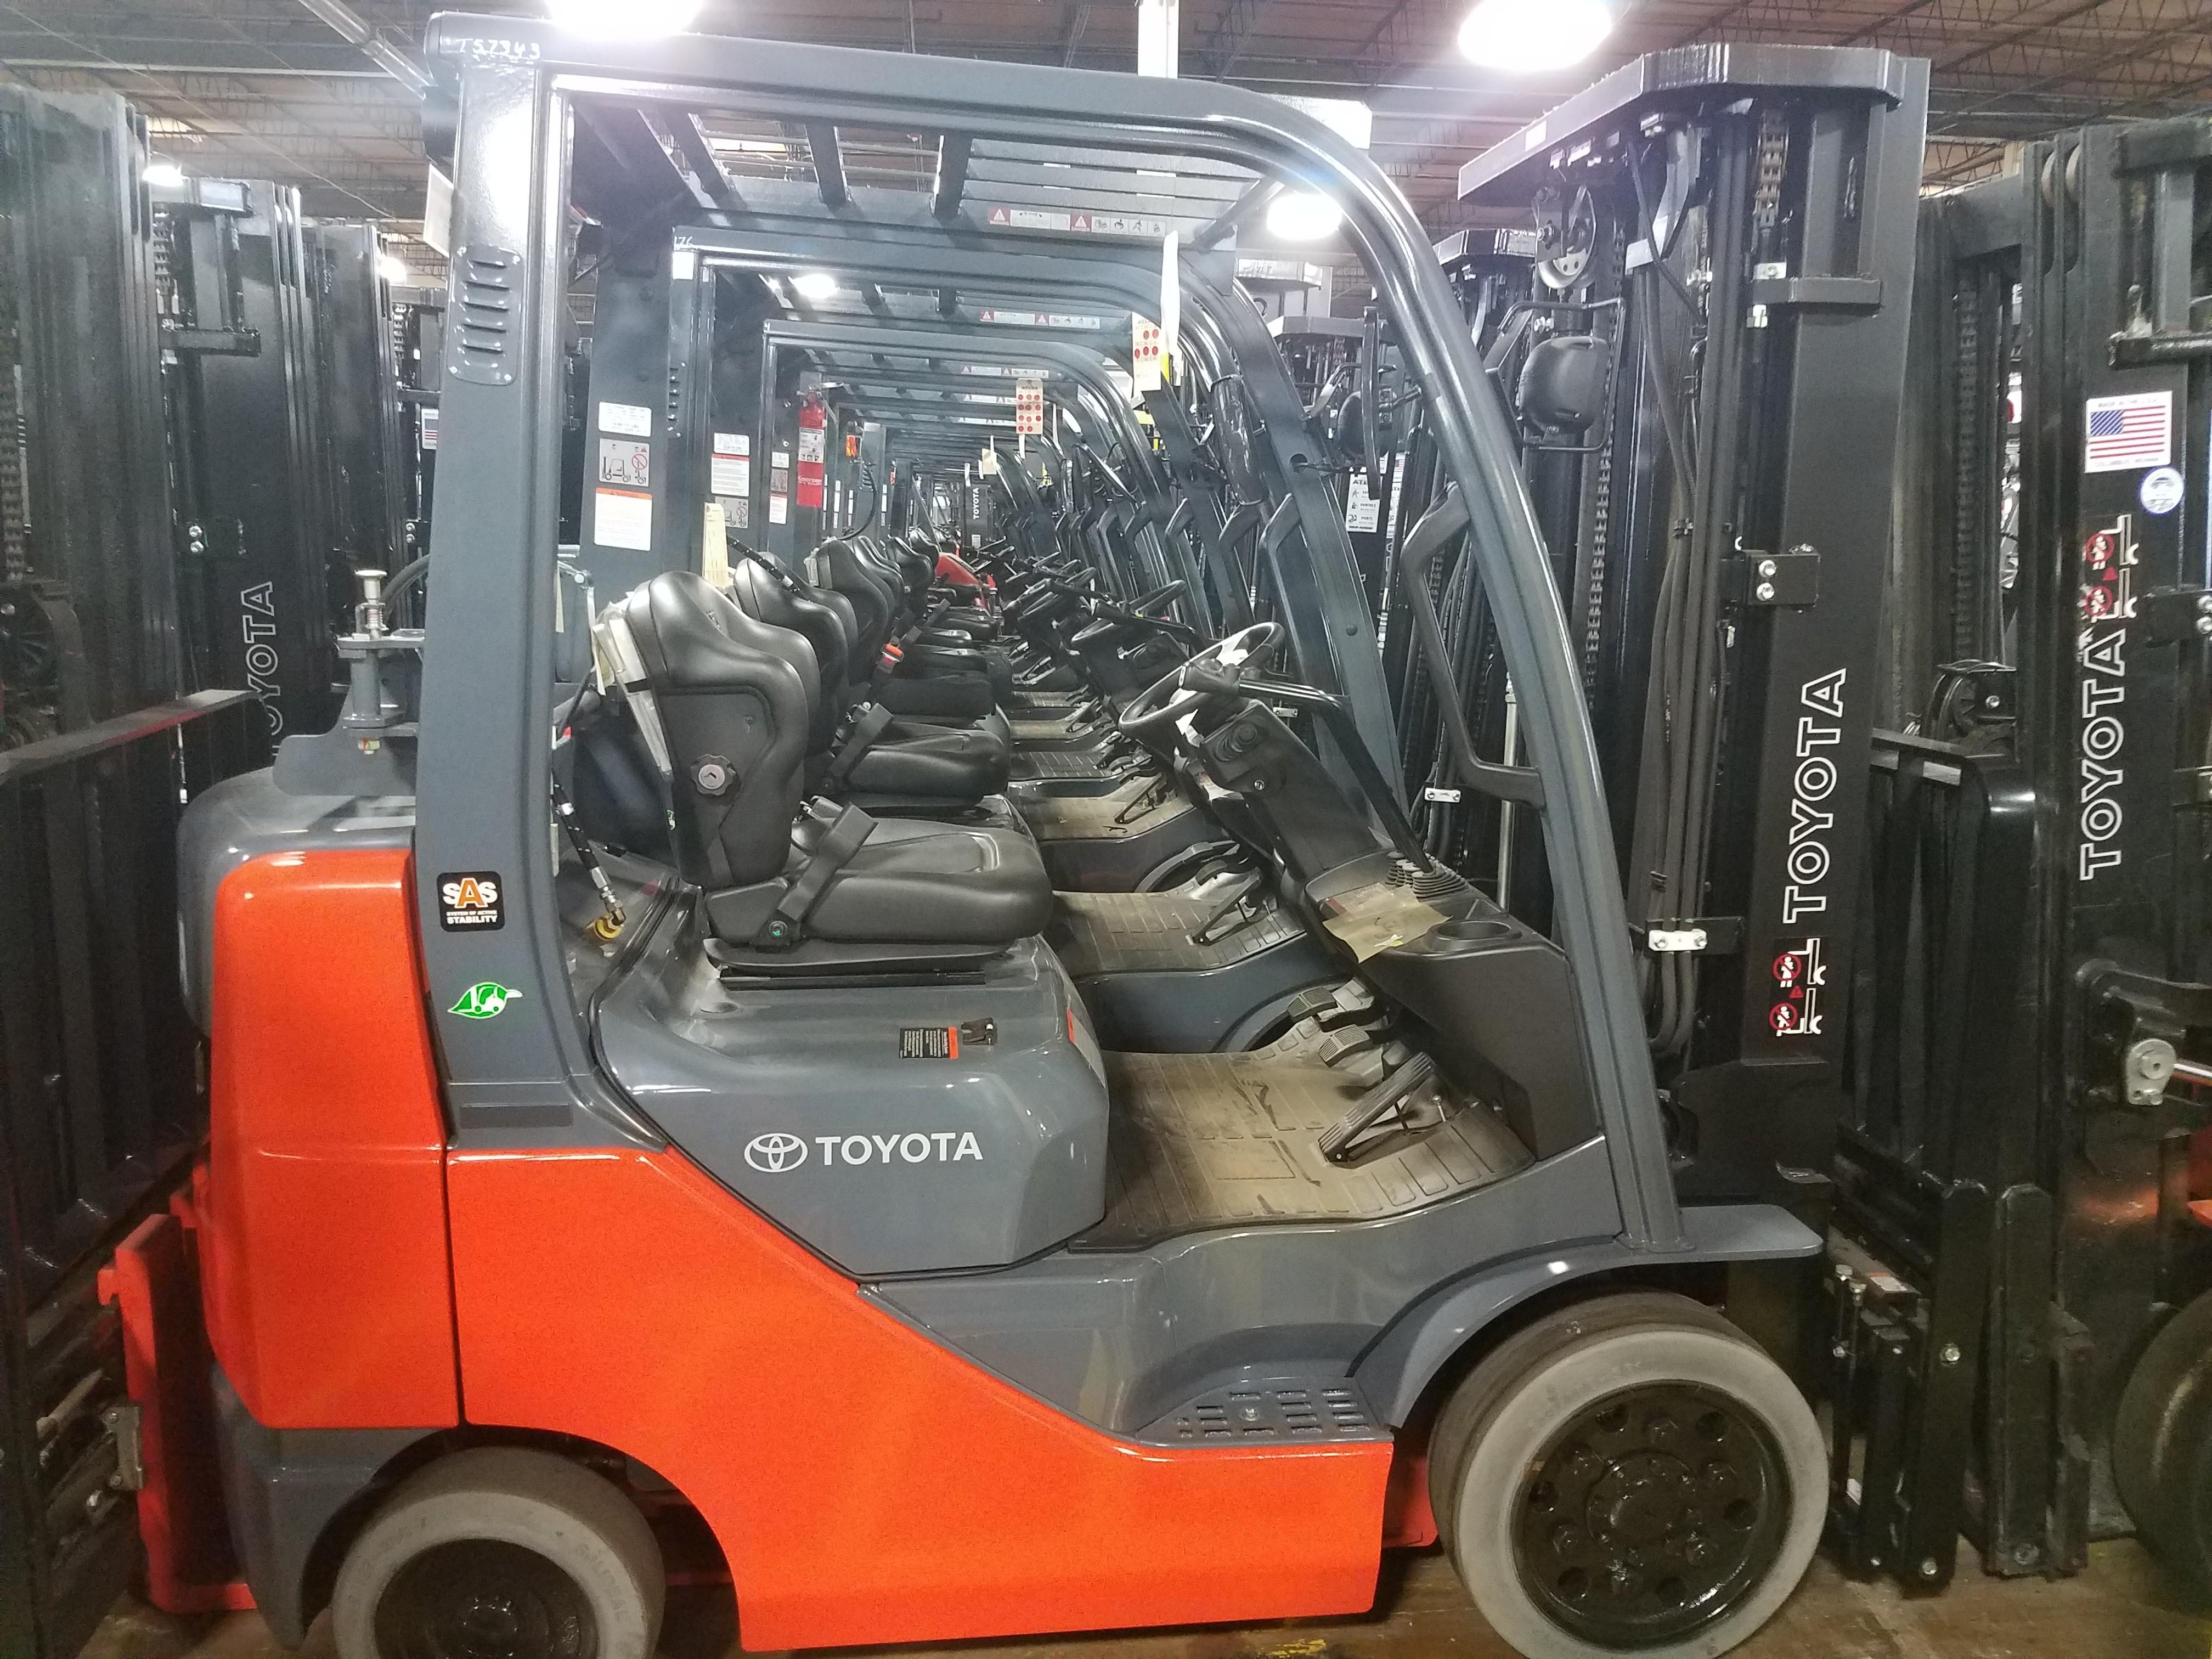 Forklifts For Salerent New And Used Forkliftsatlas Toyota